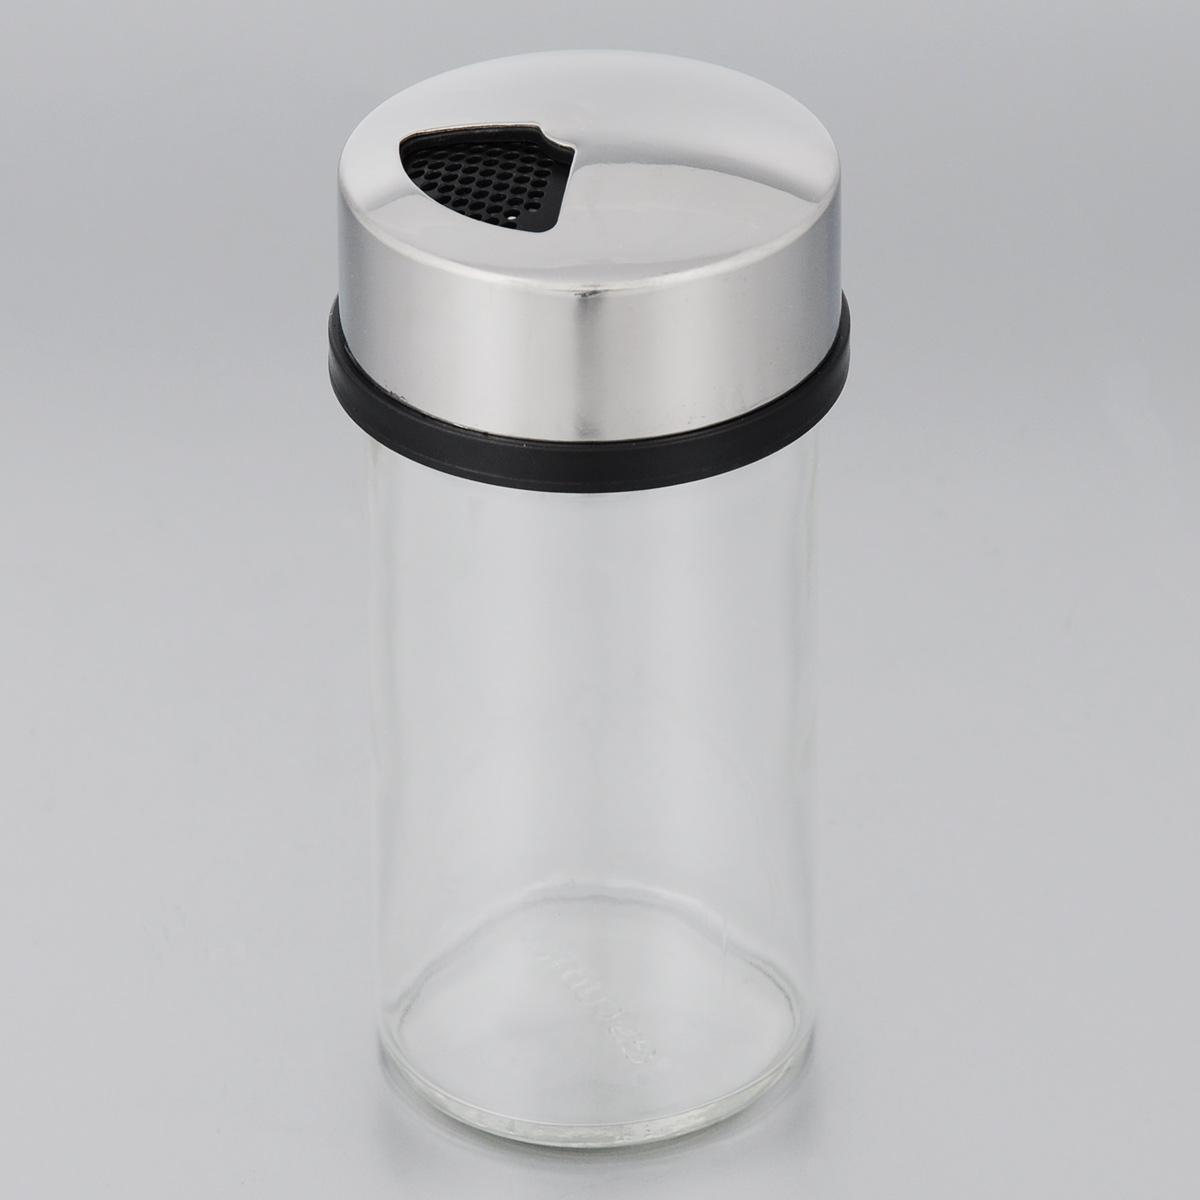 Универсальная емкость для специй Tescoma Club, 150 мл650359Универсальная емкость для специй Tescoma Club изготовлена из первоклассной нержавеющей стали, стекла и прочного пластика. Изделие имеет три типа отверстий и положение закрыто. Отлично подходит для всех распространенных видов специй, от мелких (например, соли) до грубых (например, перец горошком). Выберите тип отверстия поворотом крышки. Стеклянную емкость можно мыть в посудомоечной машине. Высота емкости (с крышкой): 12 см. Диаметр емкости: 5,5 см.